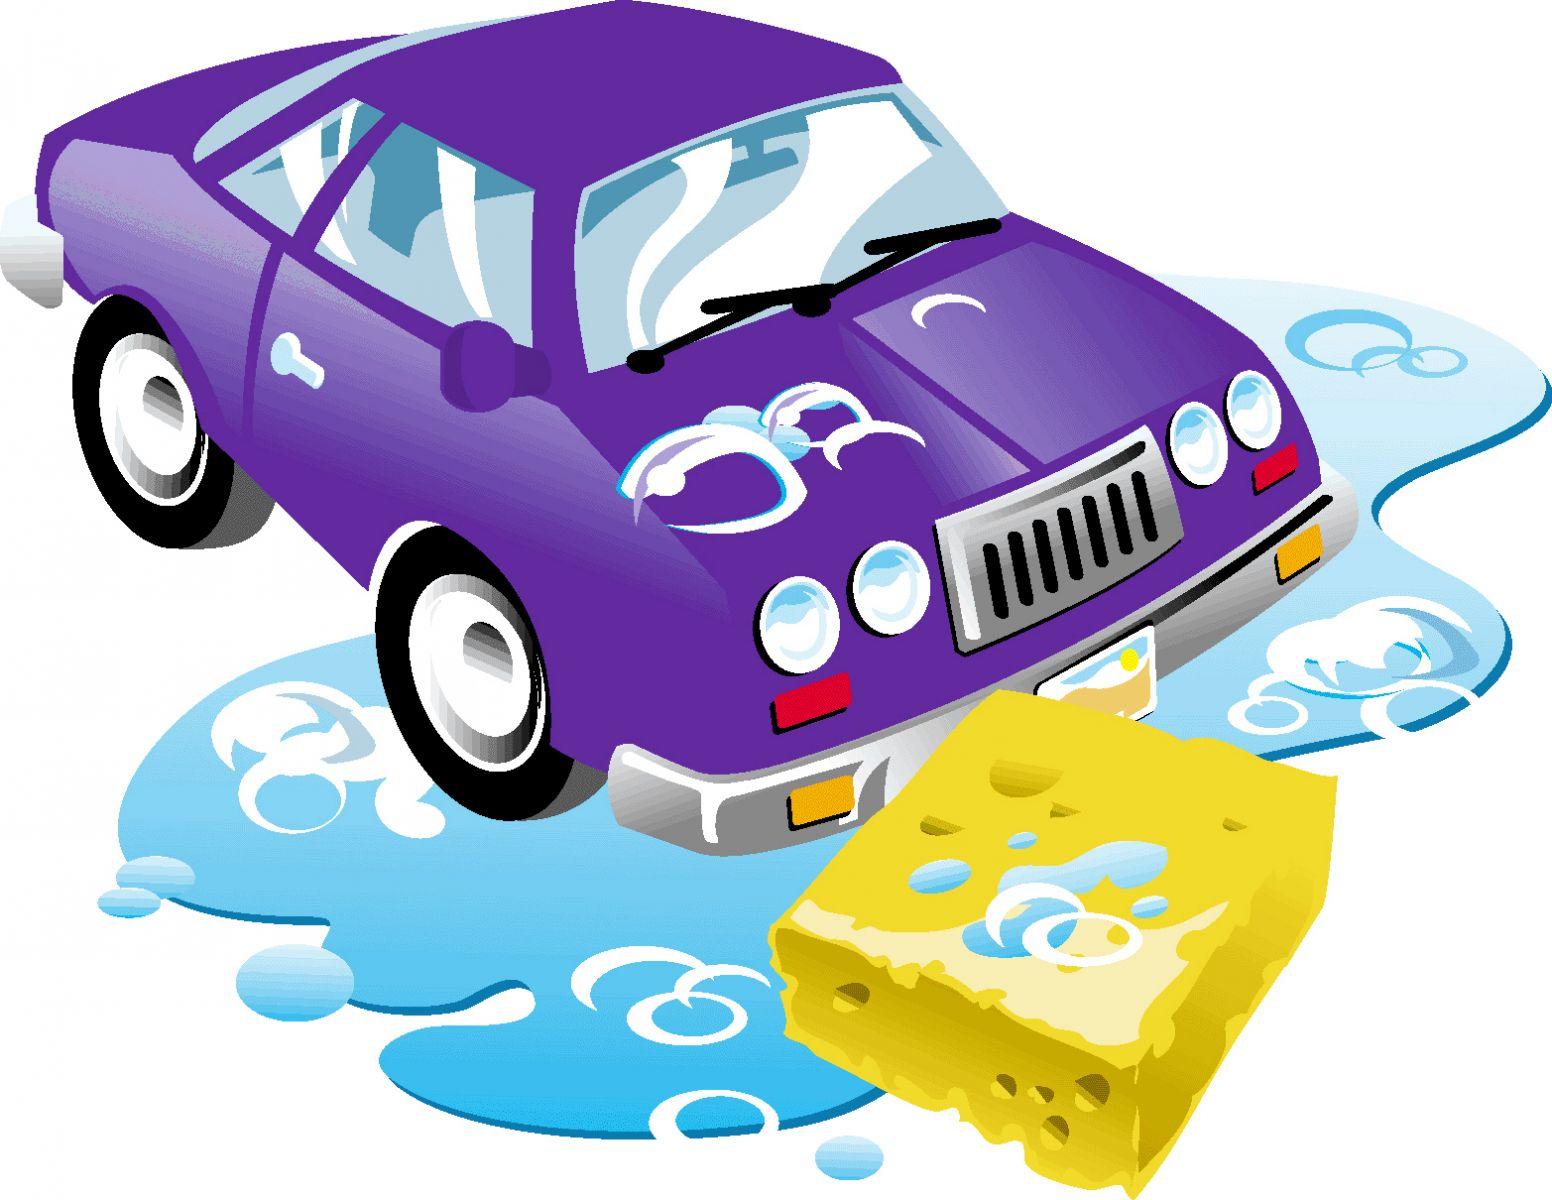 Car in car wash clipart vector Car in car wash clipart - ClipartFest vector